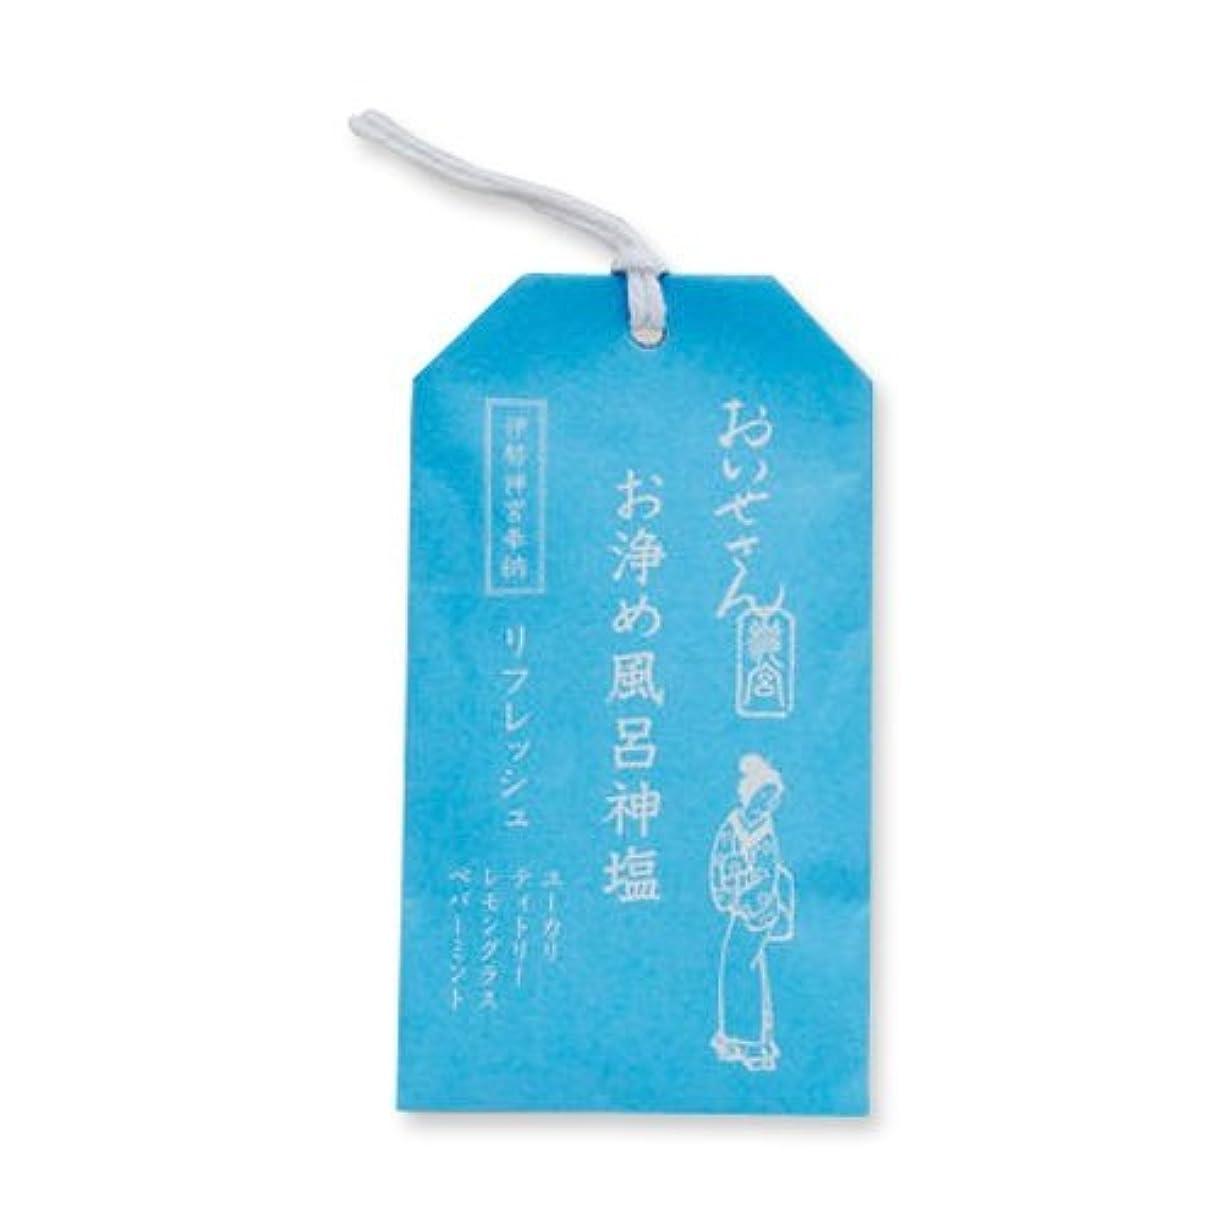 小麦粉チューブ愚かなおいせさん お浄め風呂神塩 バス用ソルト(リフレッシュ) 20g